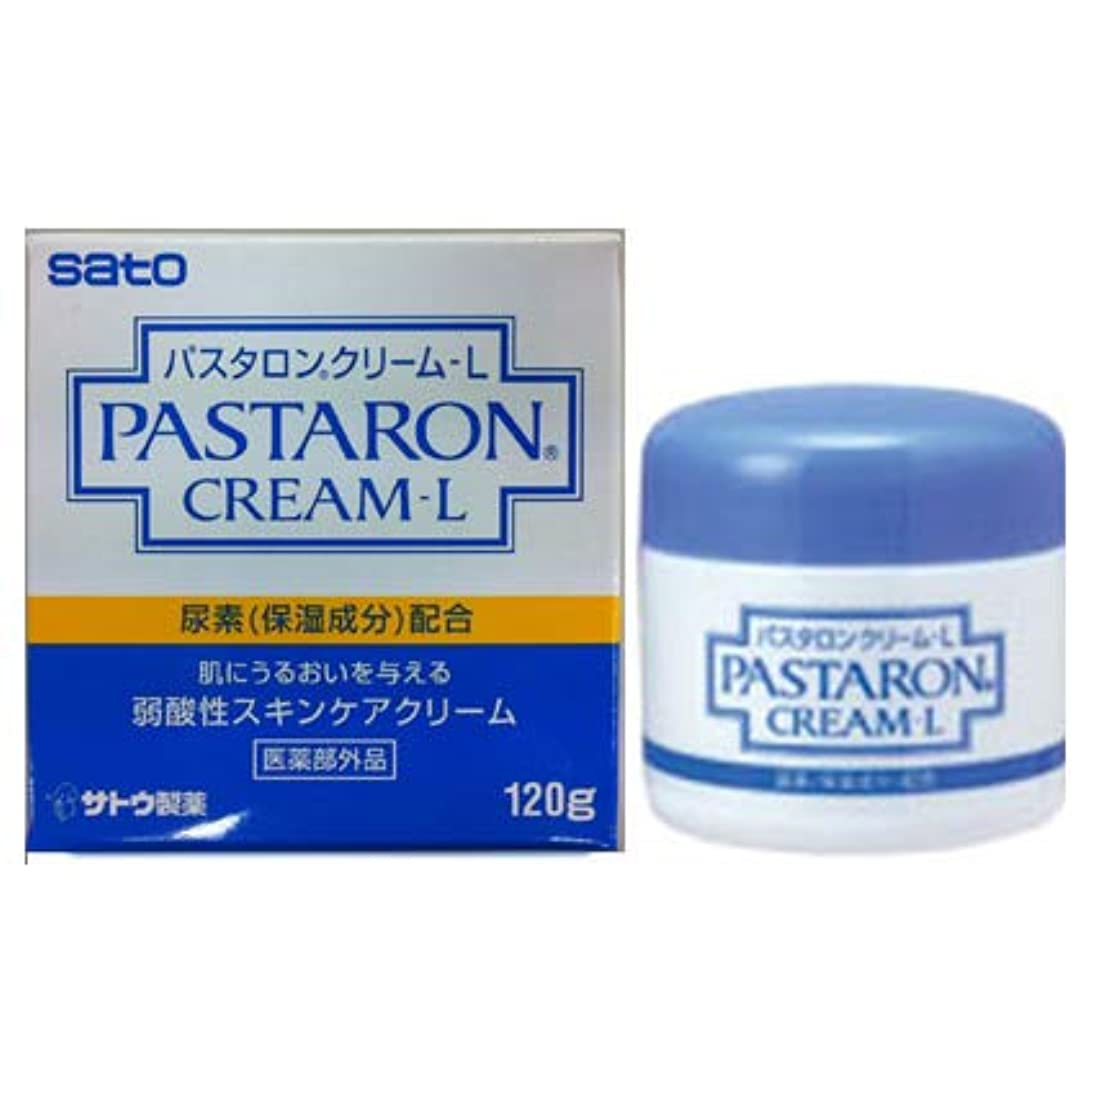 危険な繊細果てしないパスタロンクリームL 120g×4個セット【医薬部外品】